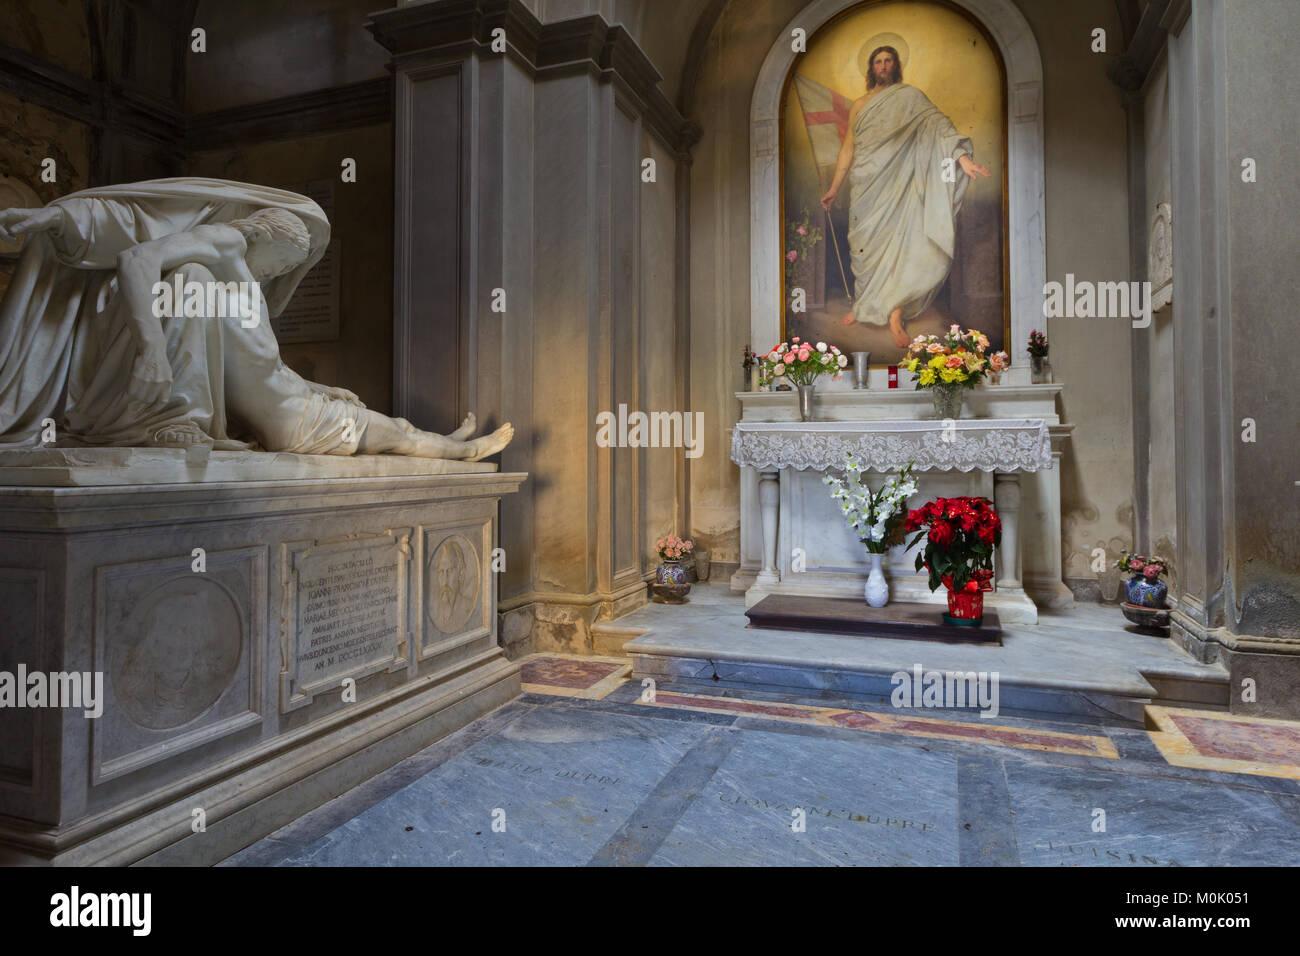 La morte e la risurrezione - La Cappella Dupré - Fiesole Immagini Stock